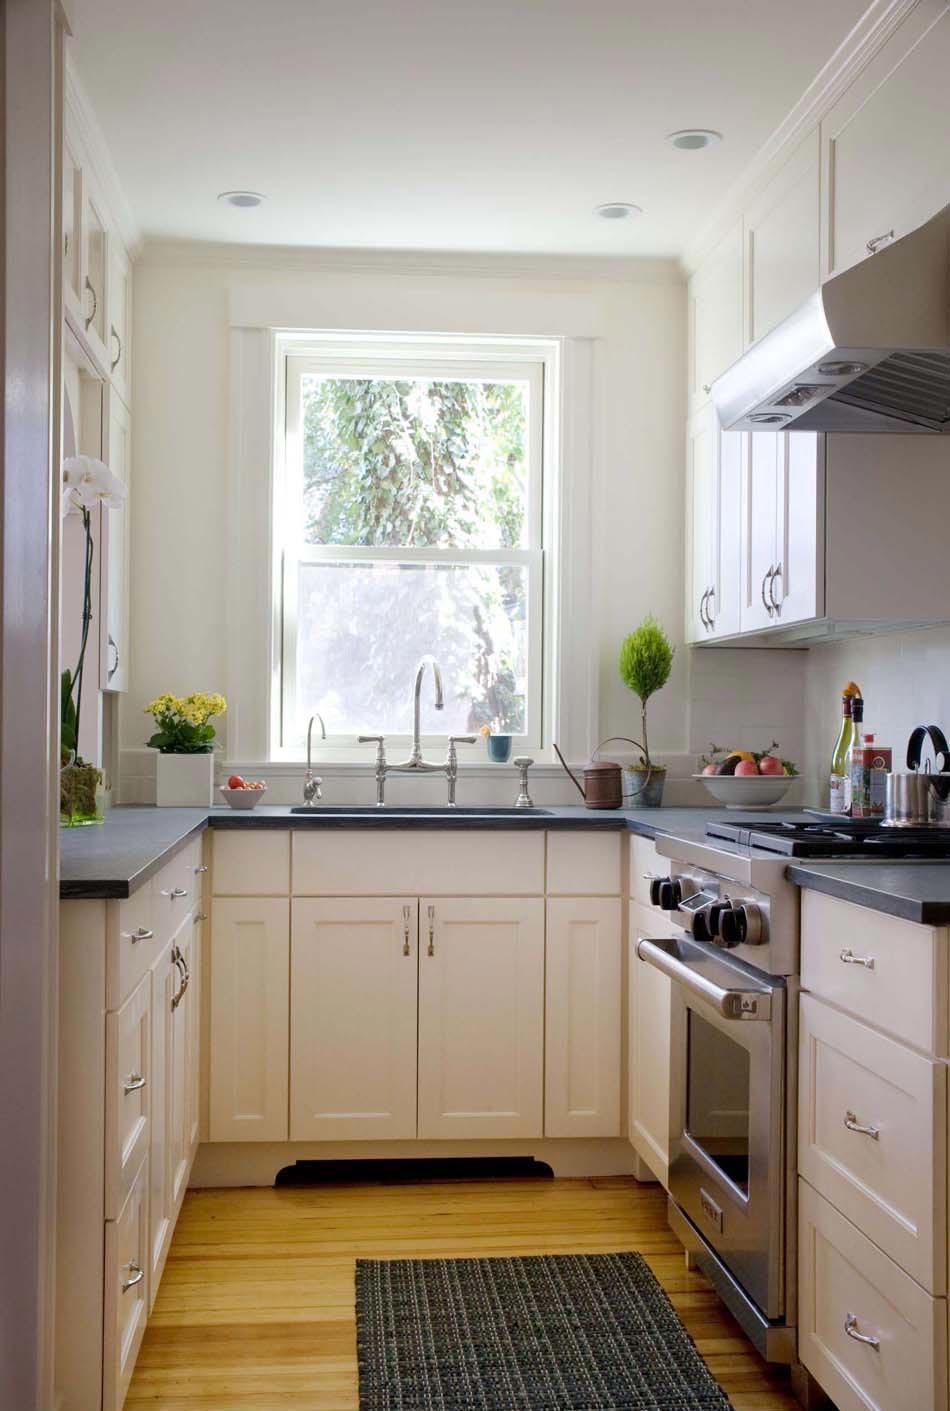 Кухня 7 кв м с гарнитуром по периметру